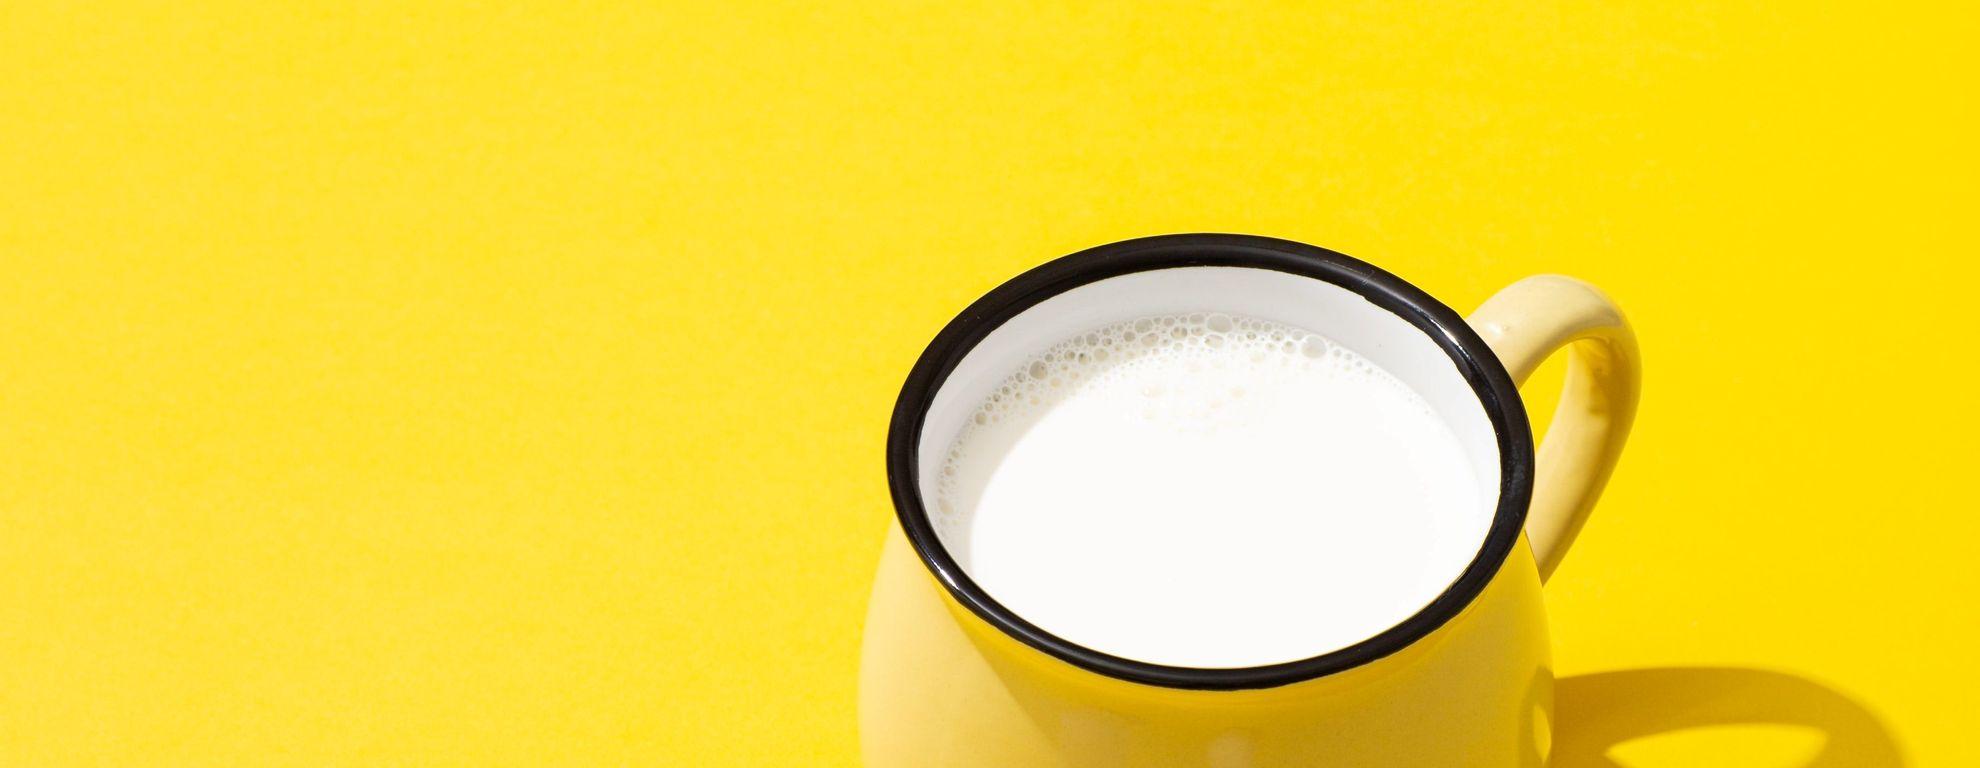 12 alimentos ricos en calcio que fortalecen tu salud - Featured image